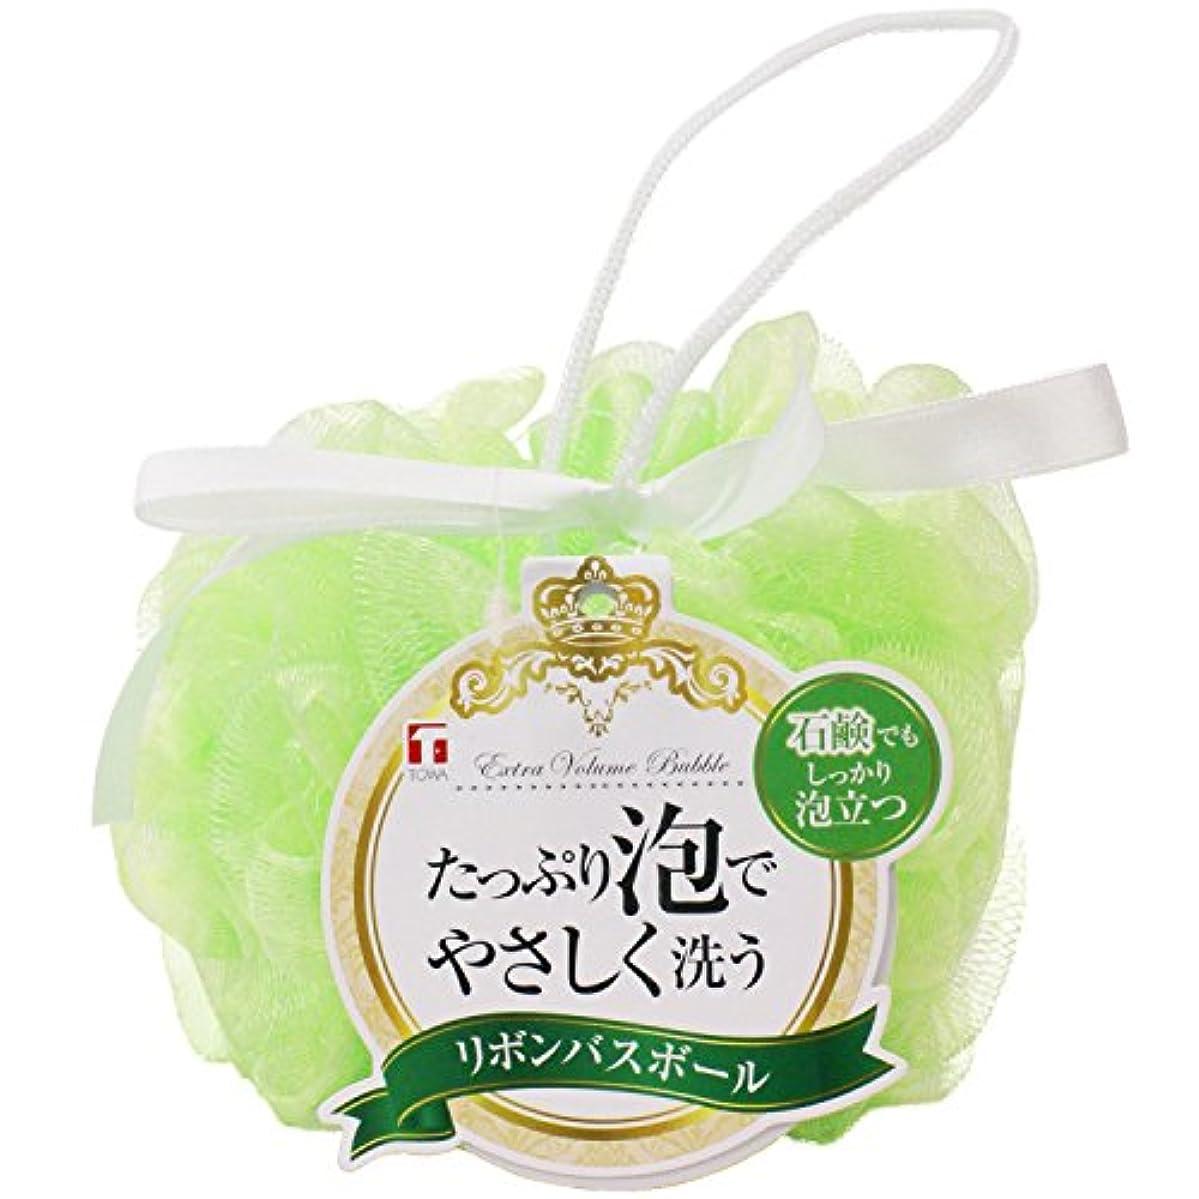 小包対人枯渇する東和産業 泡立てネット リボン バスボール グリーン 直径約14cm